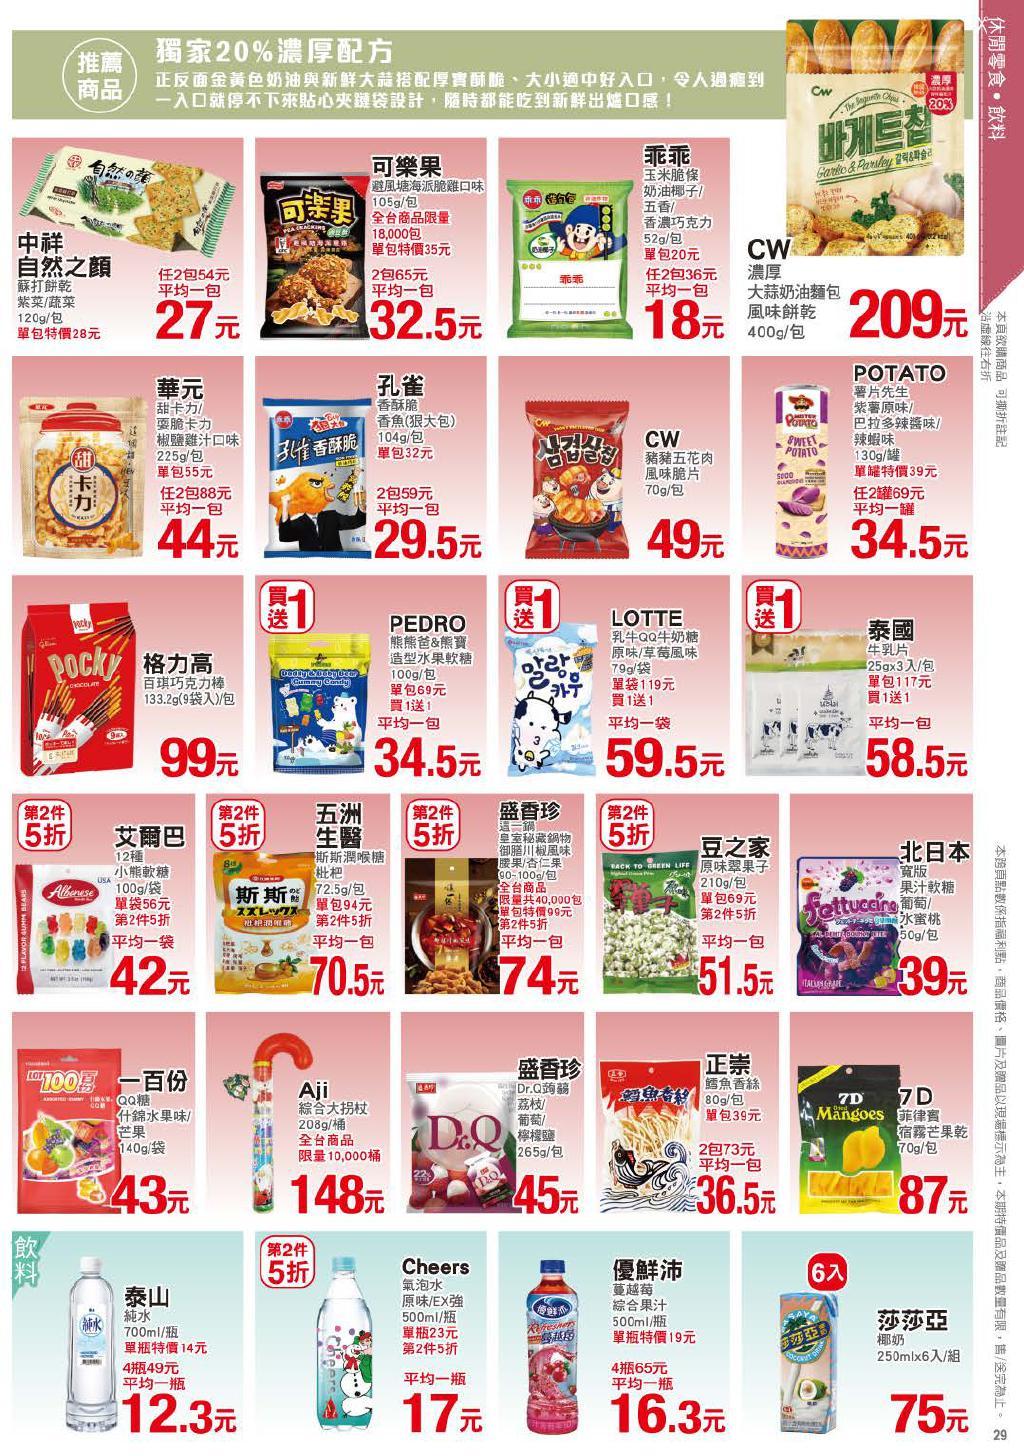 pxmart20210107_000029.jpg